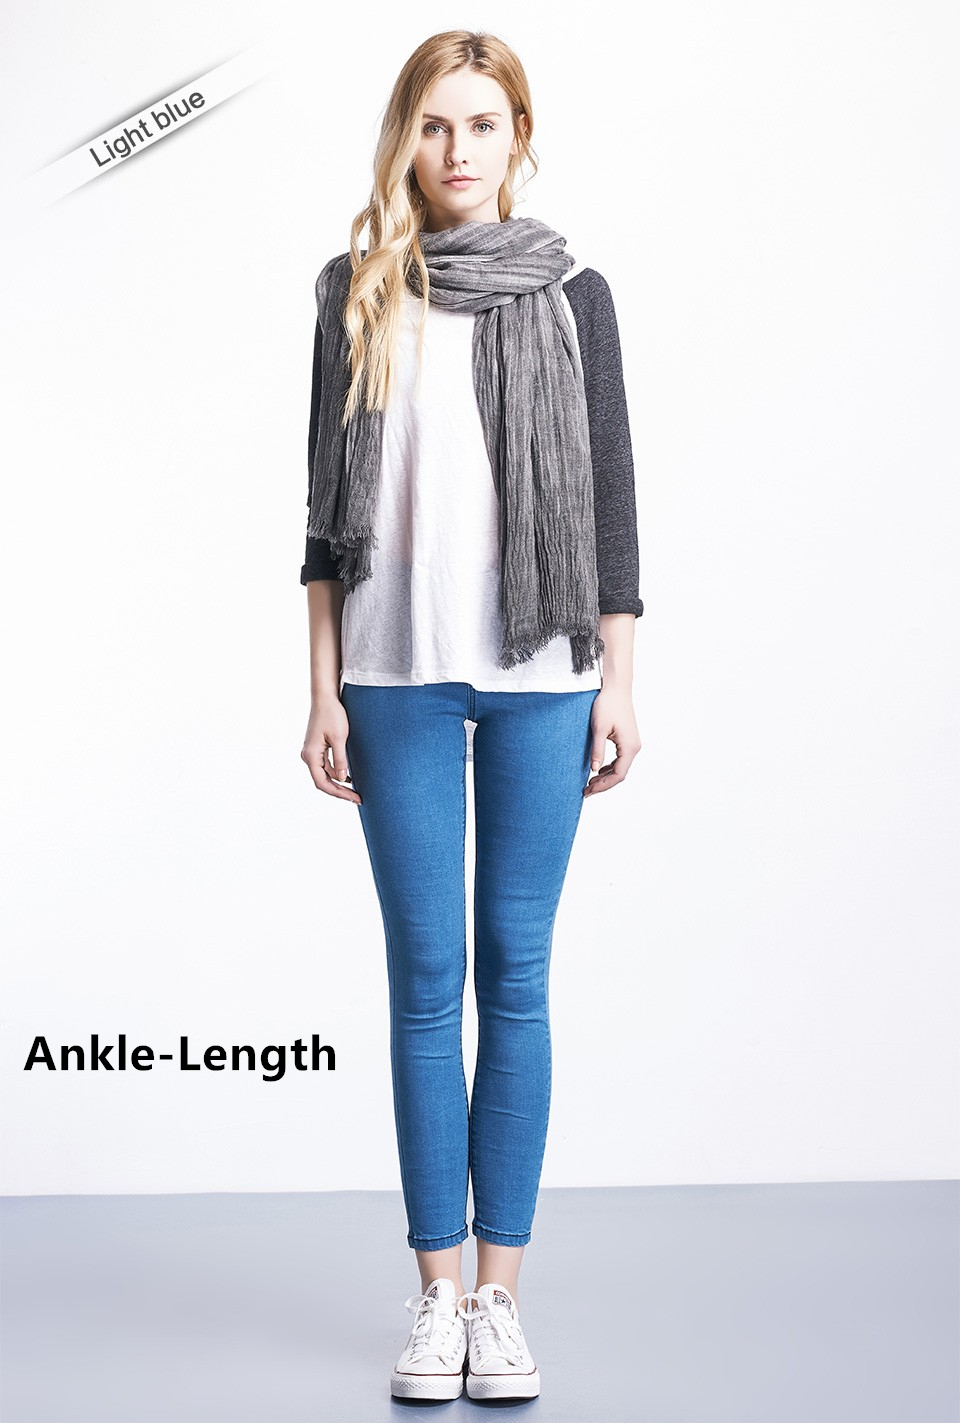 Women Plus Size Casual Slim Stretch Cotton Denim Jeans Blue black 20